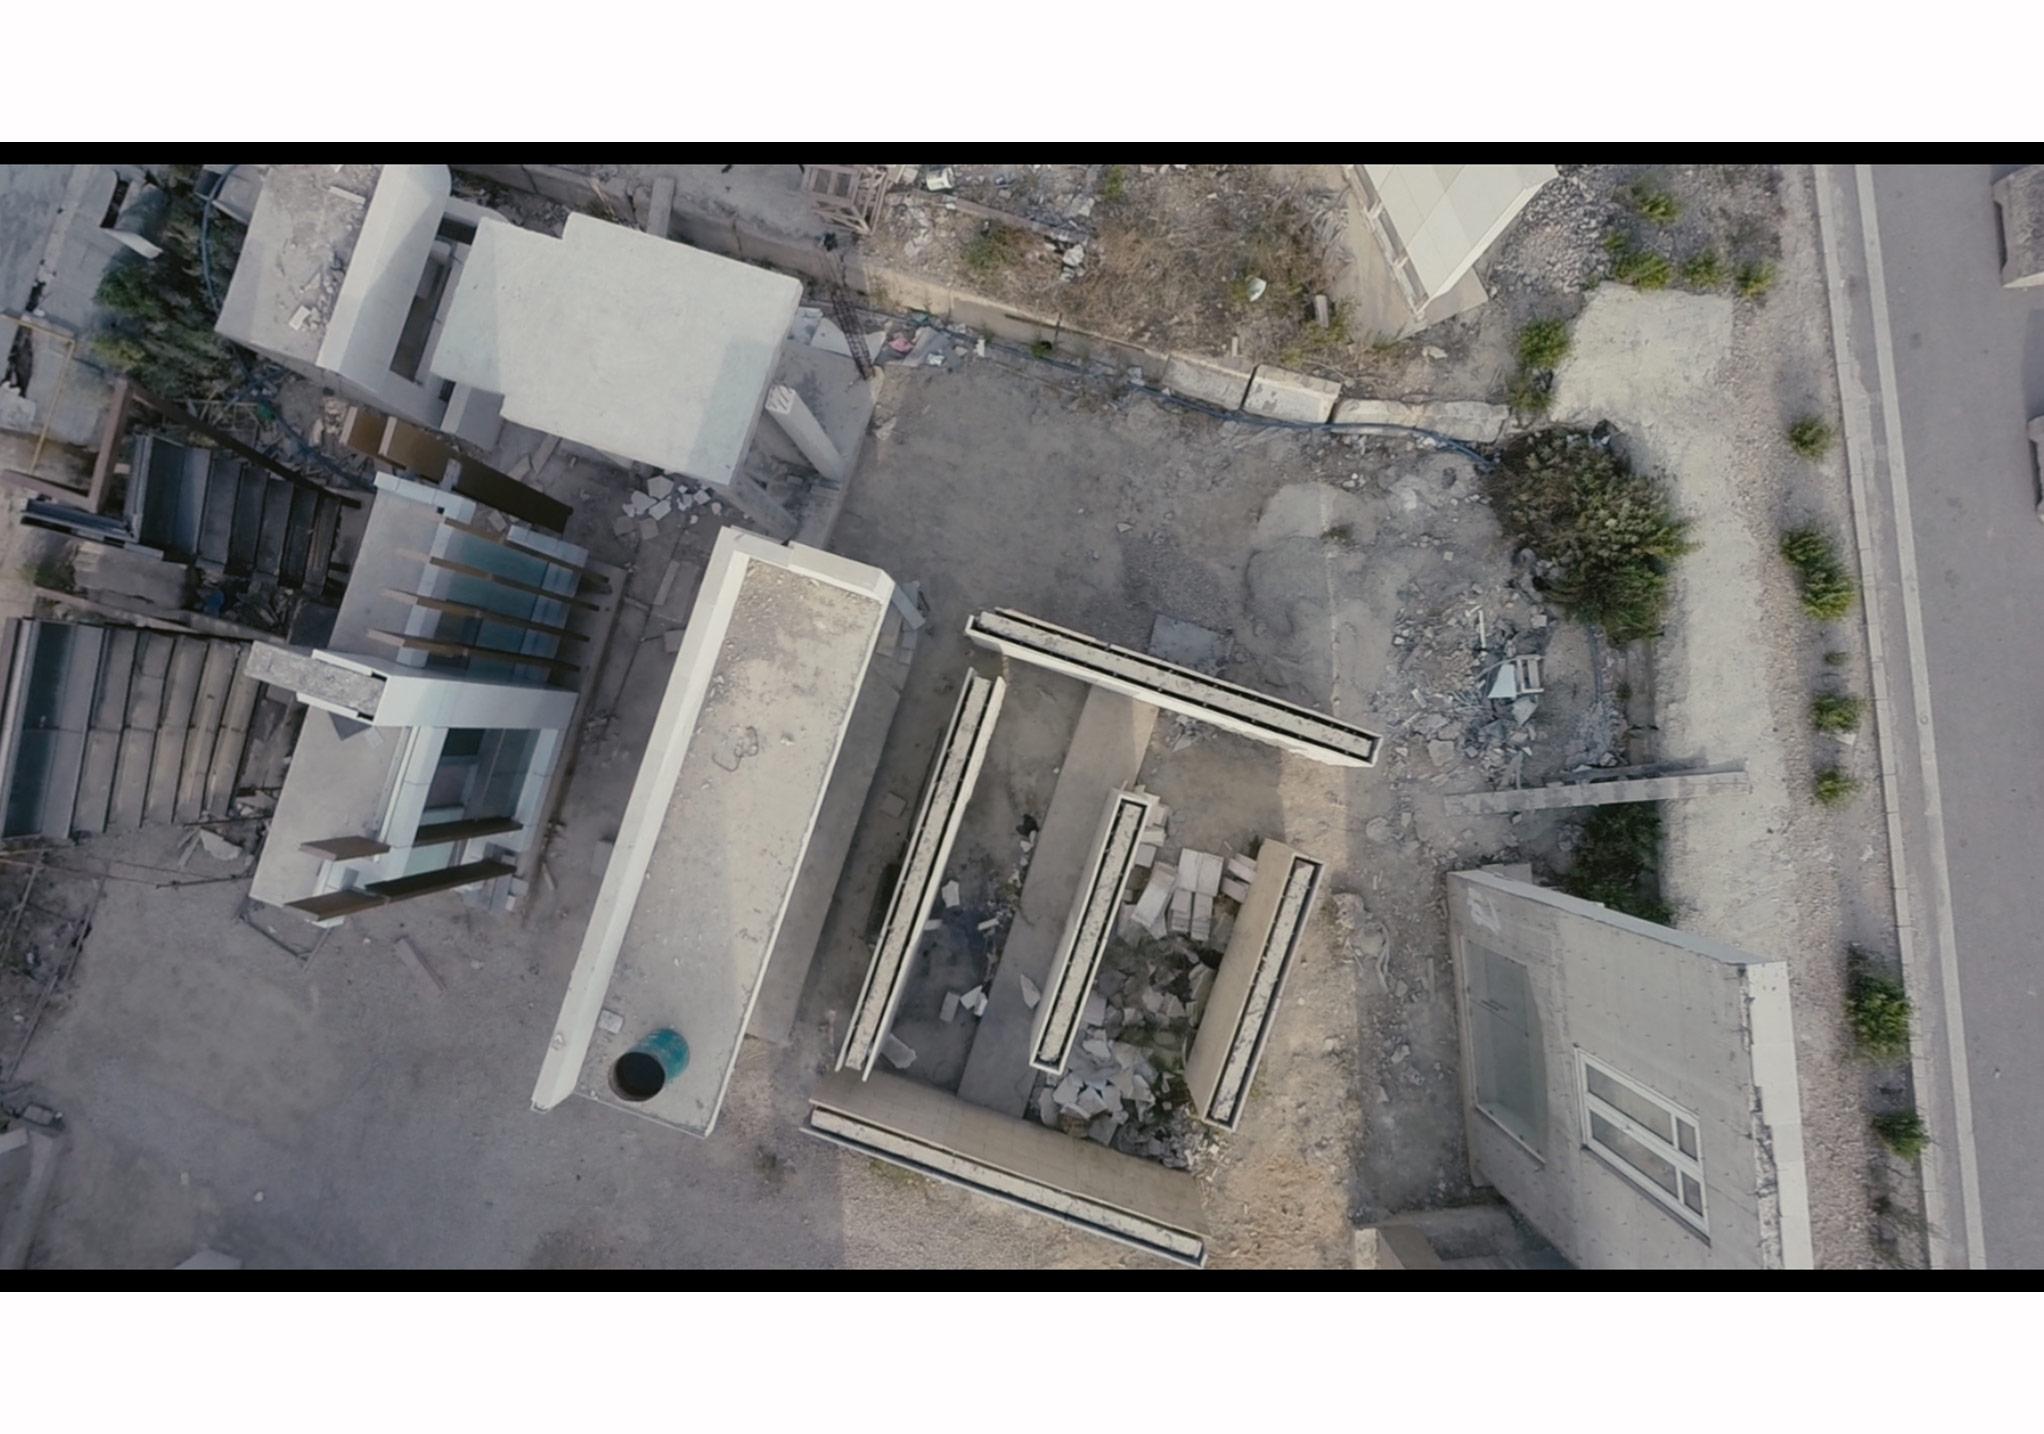 Akram Zaatari'nin Beirut Exploded Views [Beyrut Parçalı Görüntüler] (2014) videosundan bir kare